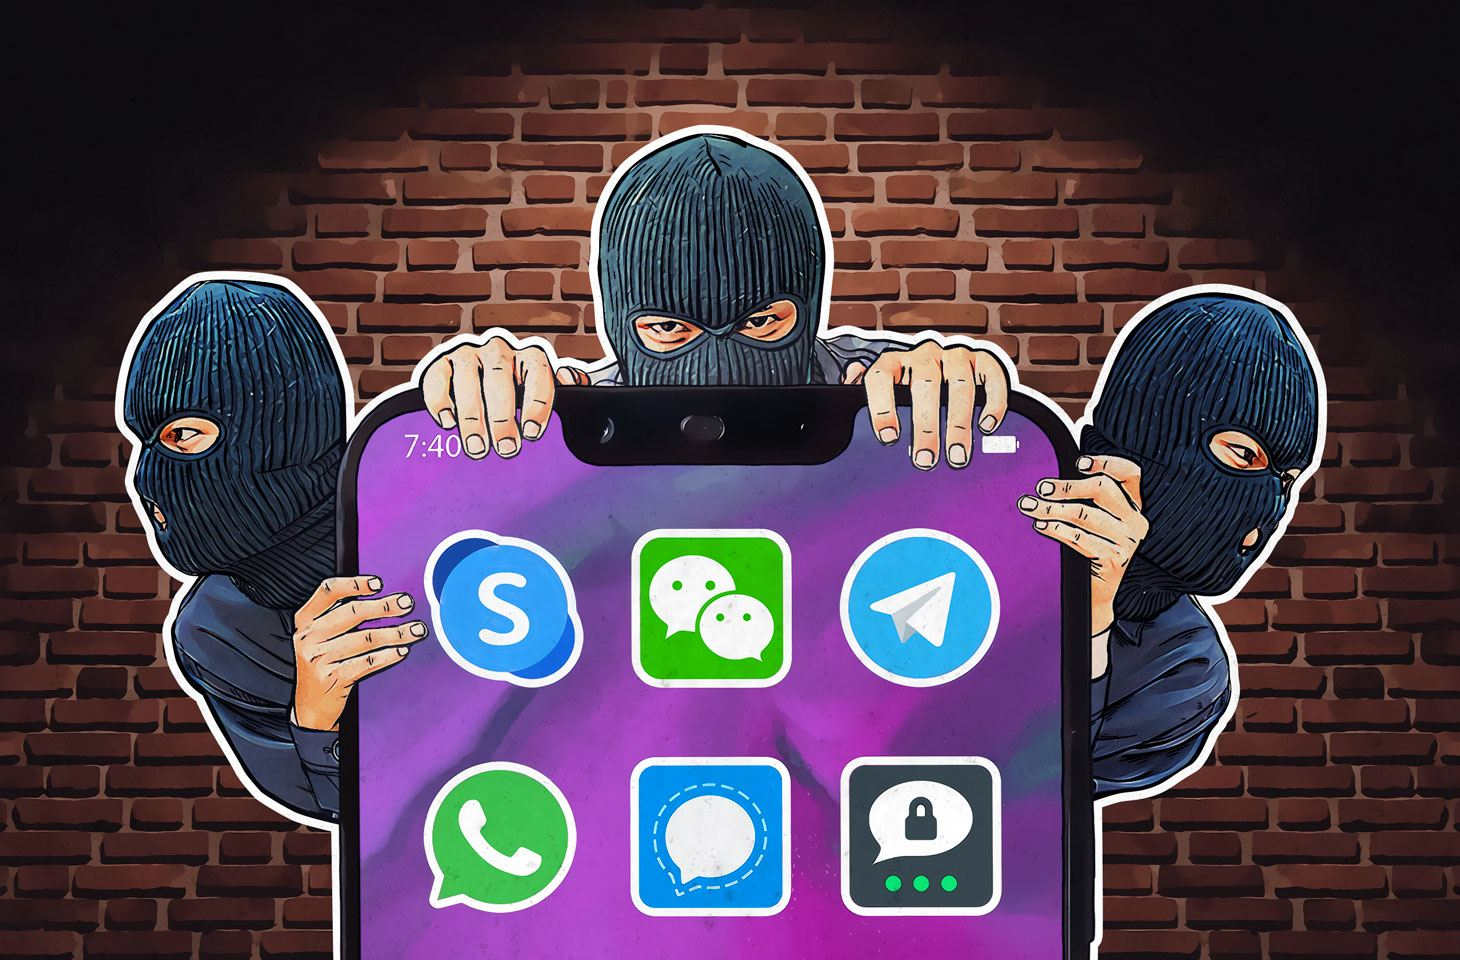 FinSpy/FinFisher is een legale spyware voor Android, iOS, Windows, macOS en Linux